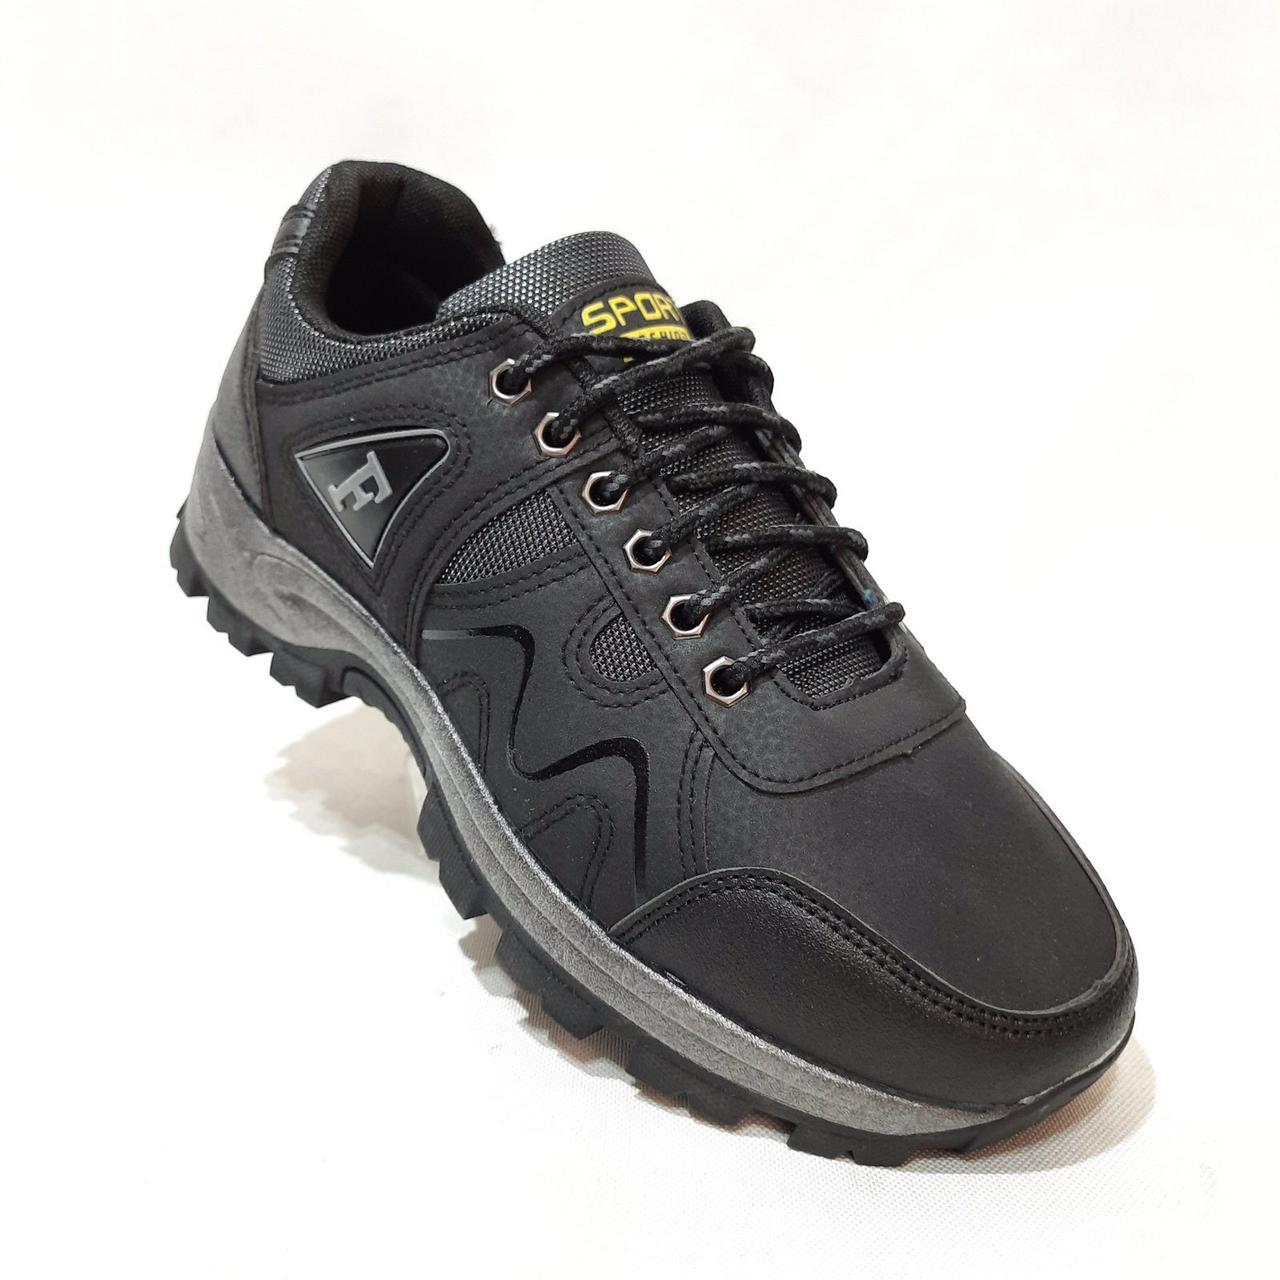 Мужские кроссовки р. 41,43 Sport fashion / искусственная кожа  / Черные